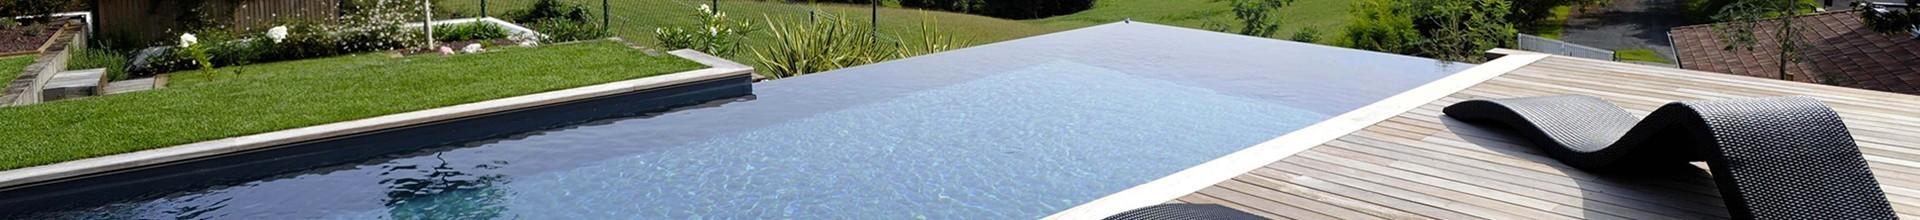 Normandie Eure plans de montage d'une piscine en béton, robuste